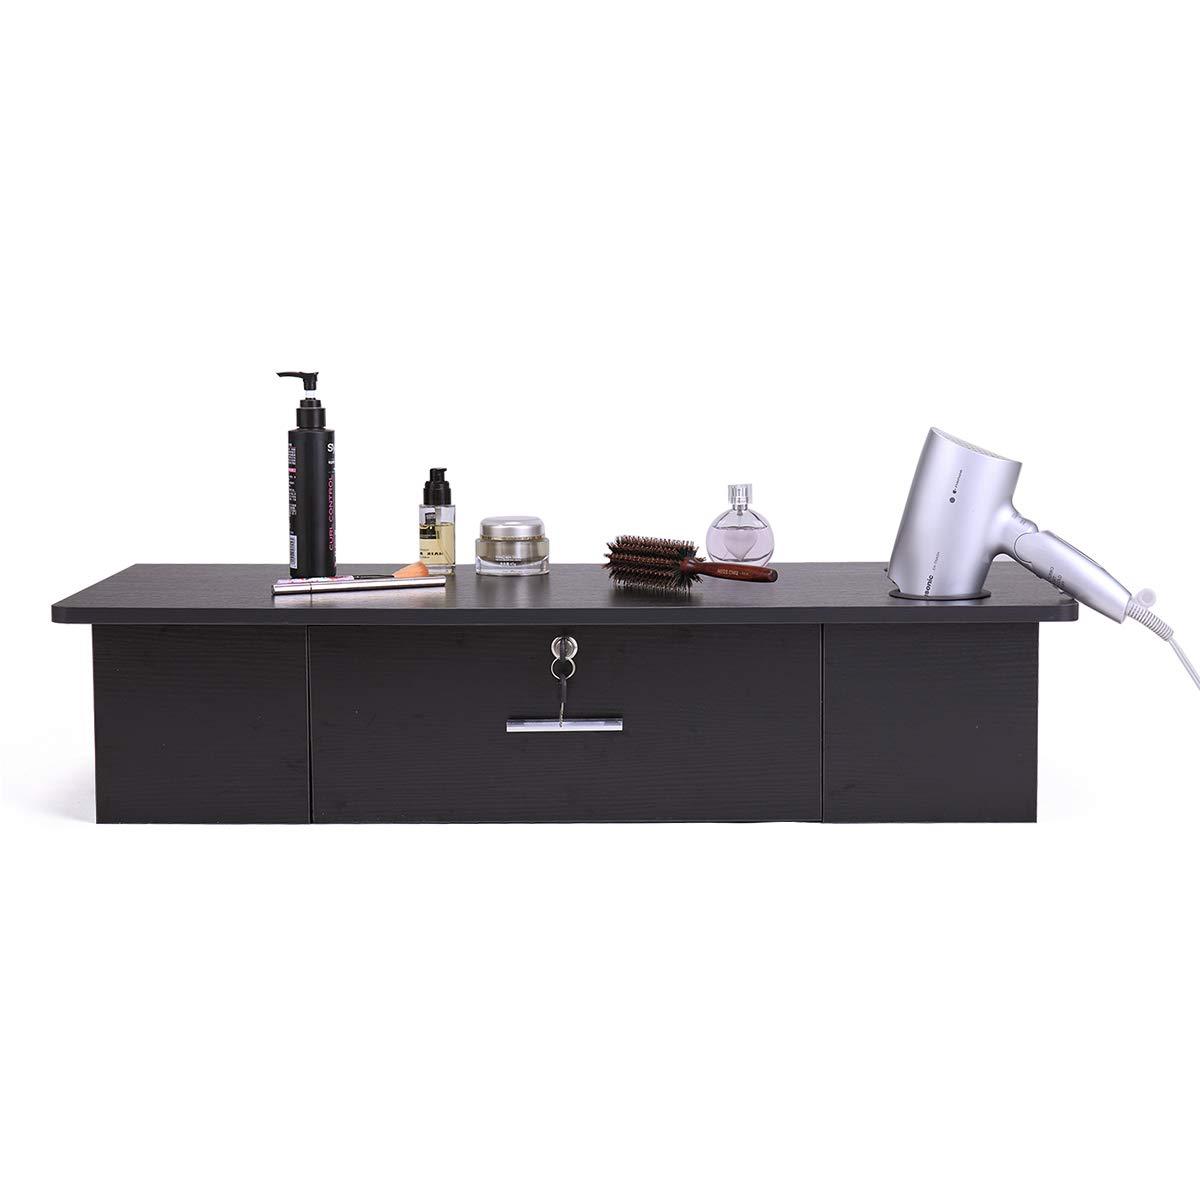 JAXPETY Black Salon Classic Wall Mount Styling Station Beauty Salon Spa Locking Cabinet